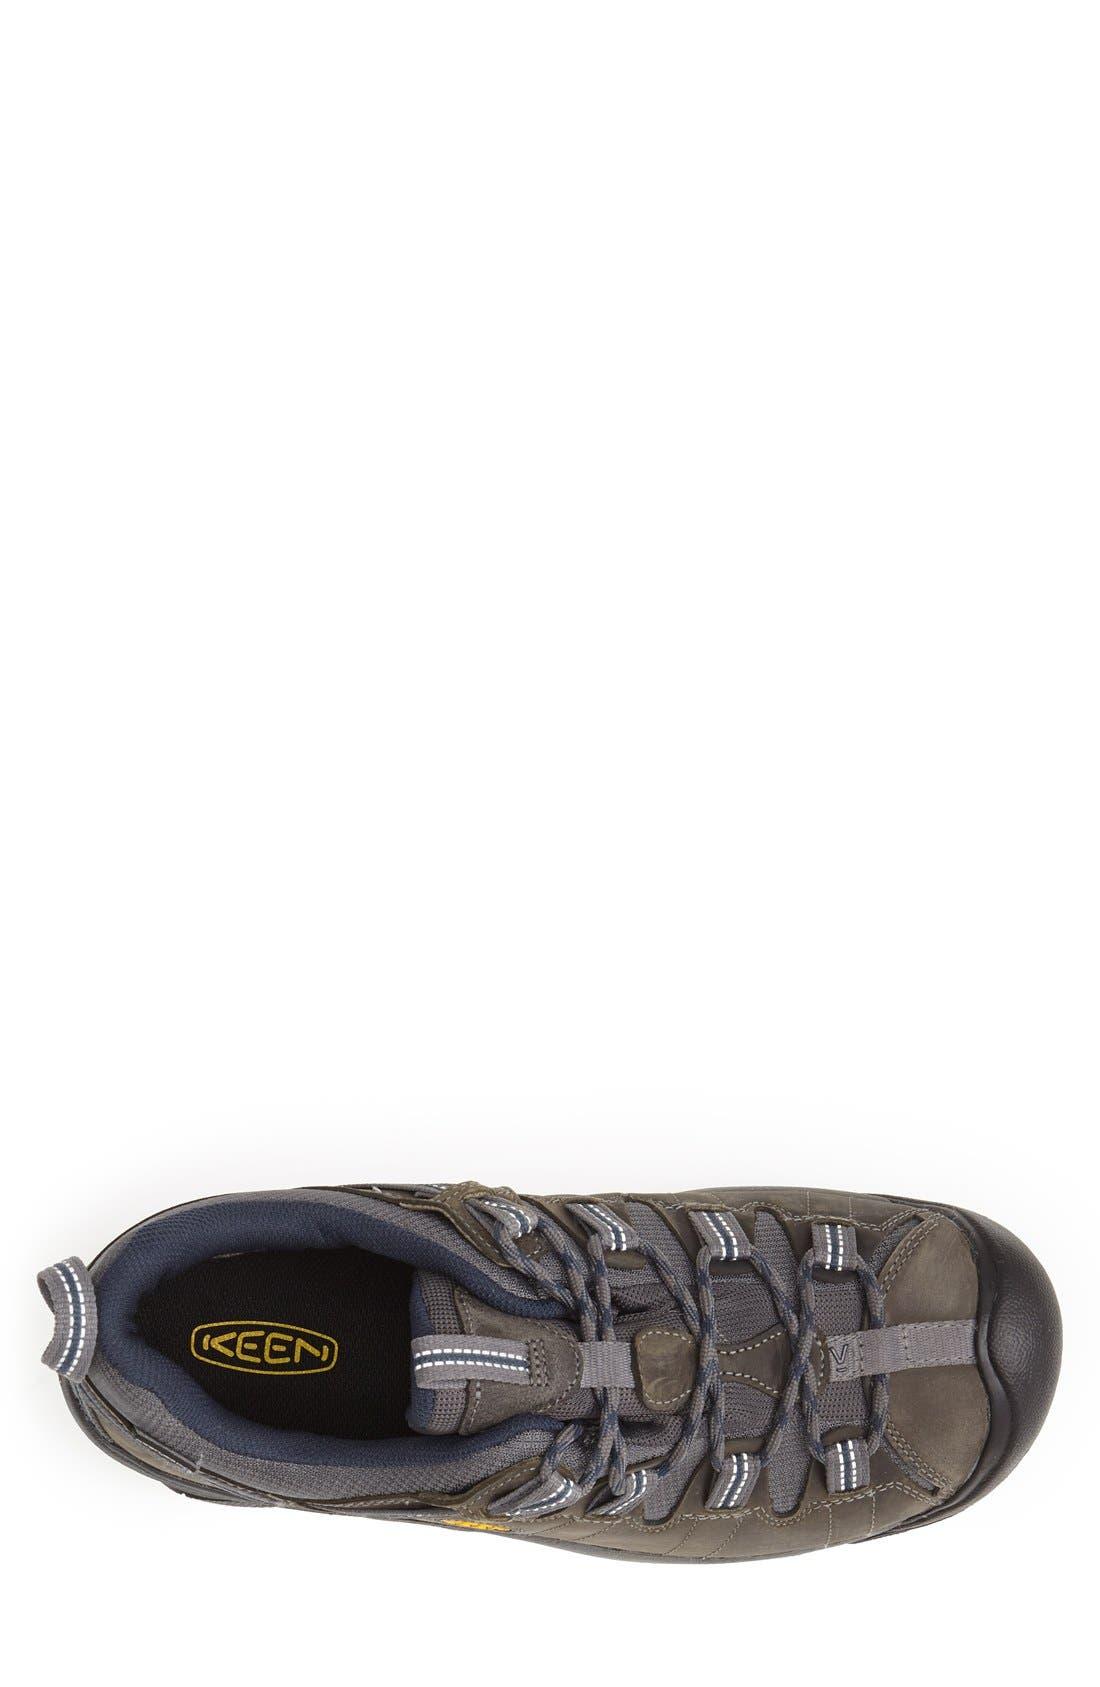 KEEN, 'Targhee II' Waterproof Hiking Shoe, Alternate thumbnail 2, color, GARGOLYE/ MIDNGHT NAVY